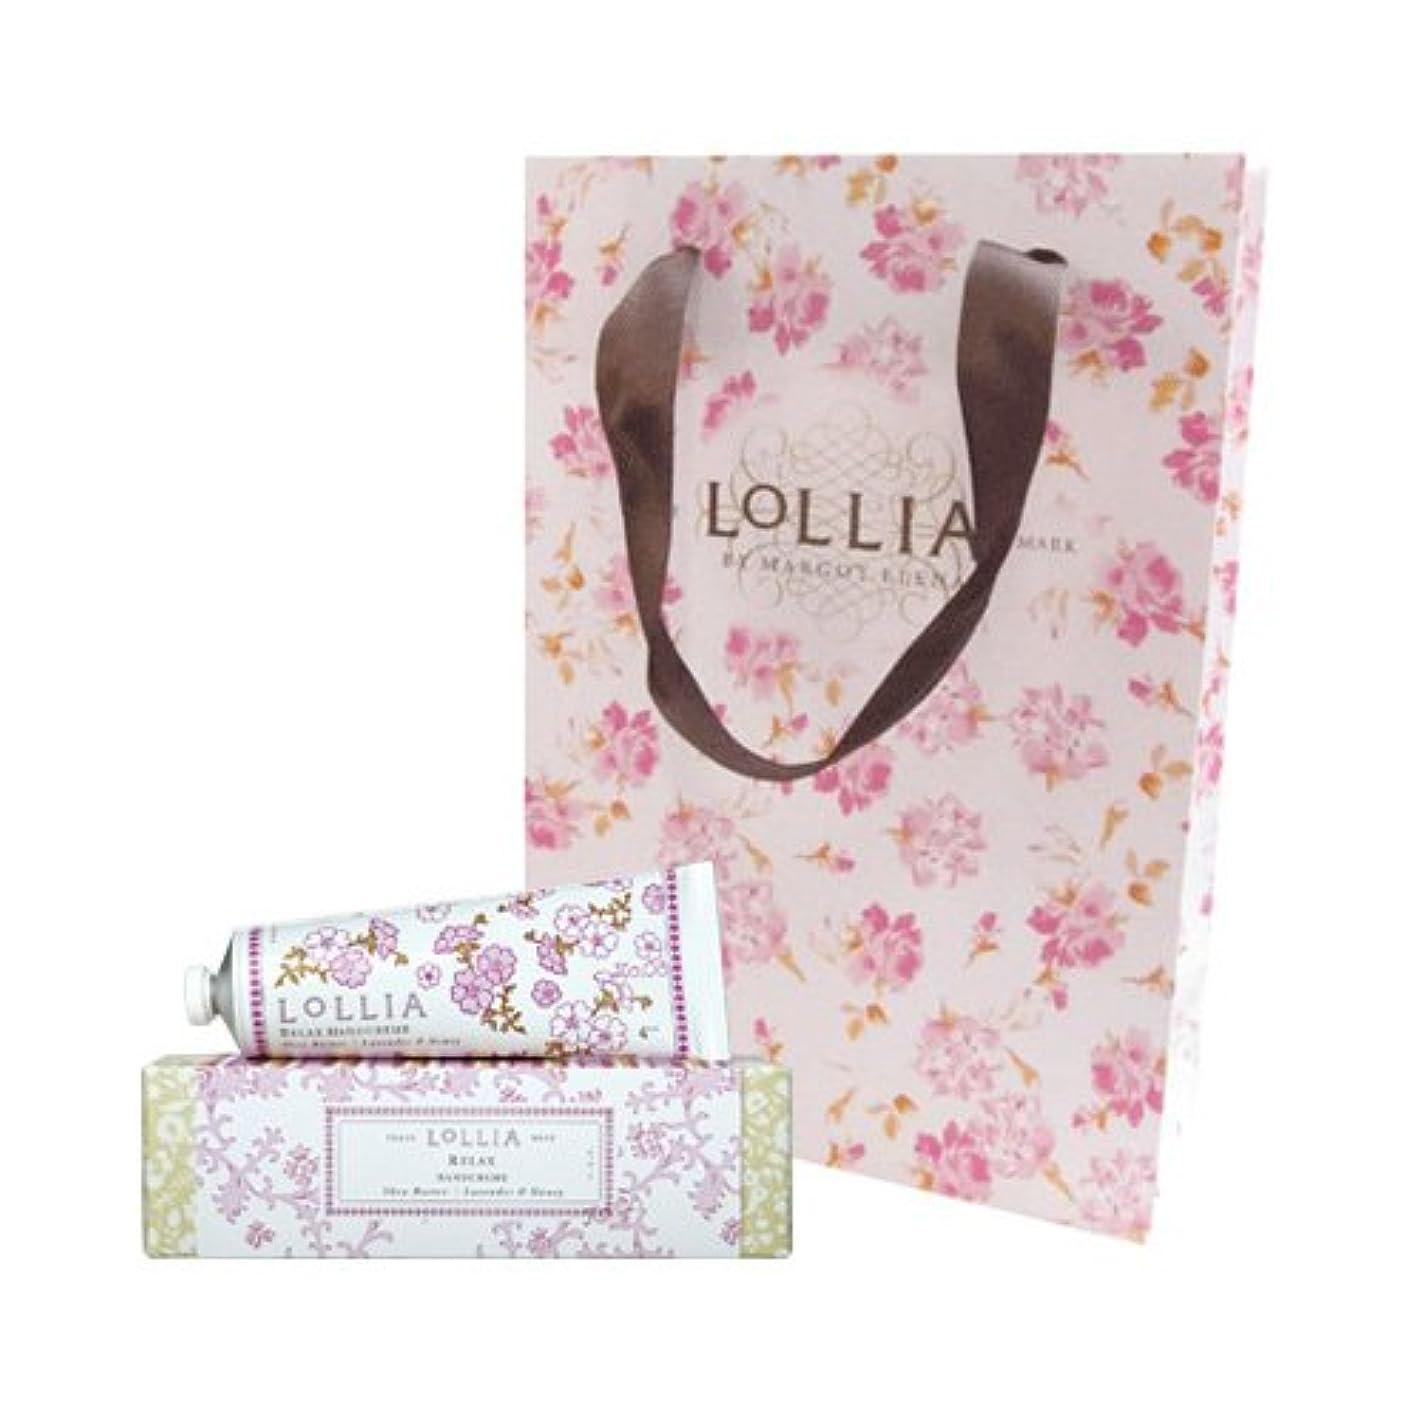 スズメバチ資本代替ロリア(LoLLIA) ハンドクリーム Relax 35g (蘭、ラベンダー、バニラとハニーの甘い香り) ショッパー付